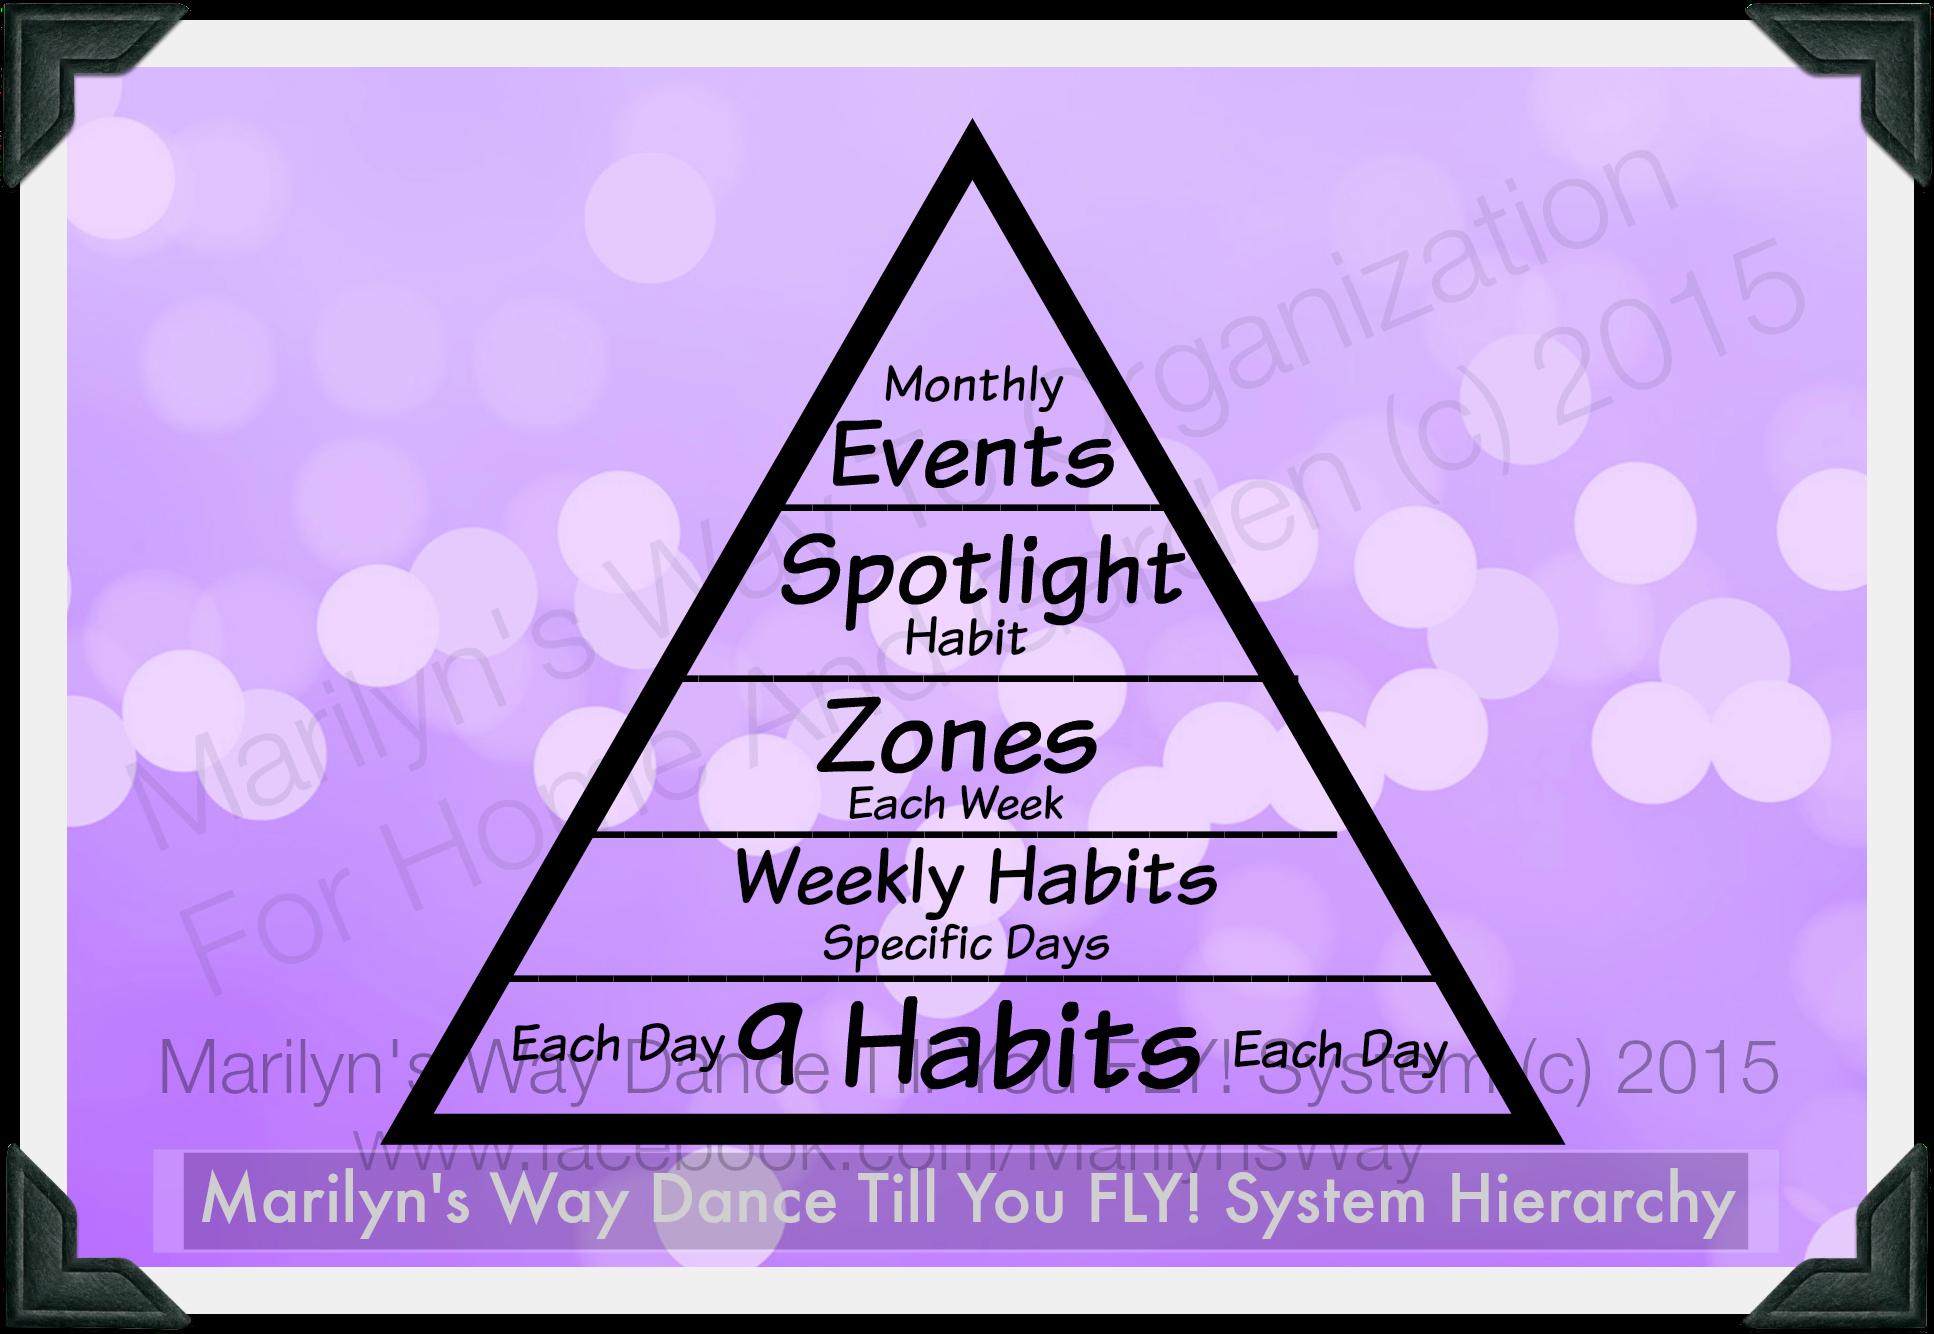 Hierarchyofdtyfsystemmw